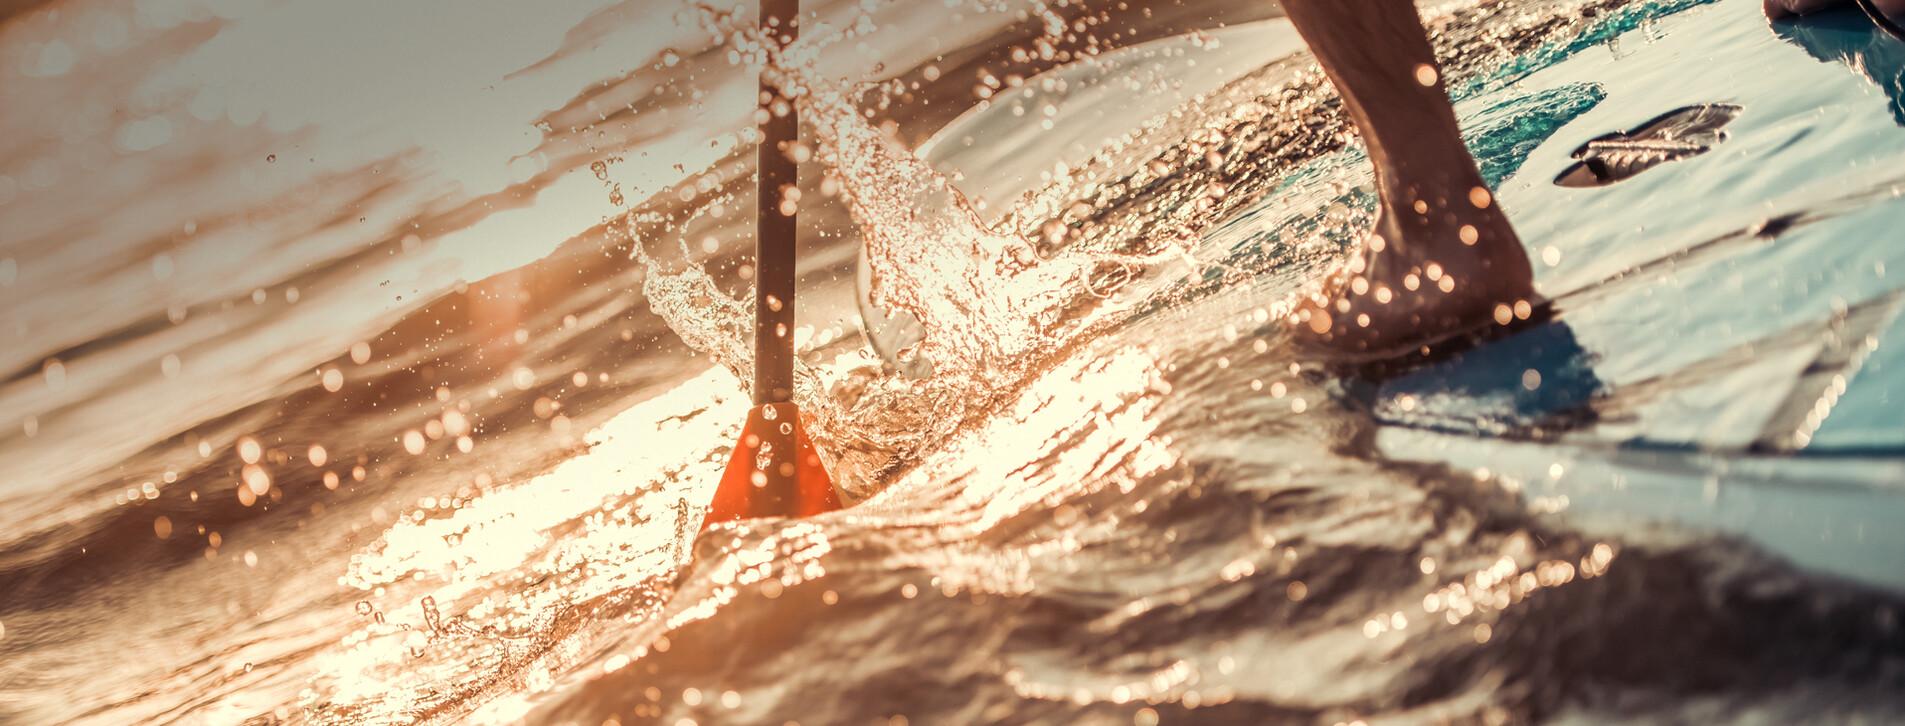 Фото 1 - SUP-серфинг на закате для двоих